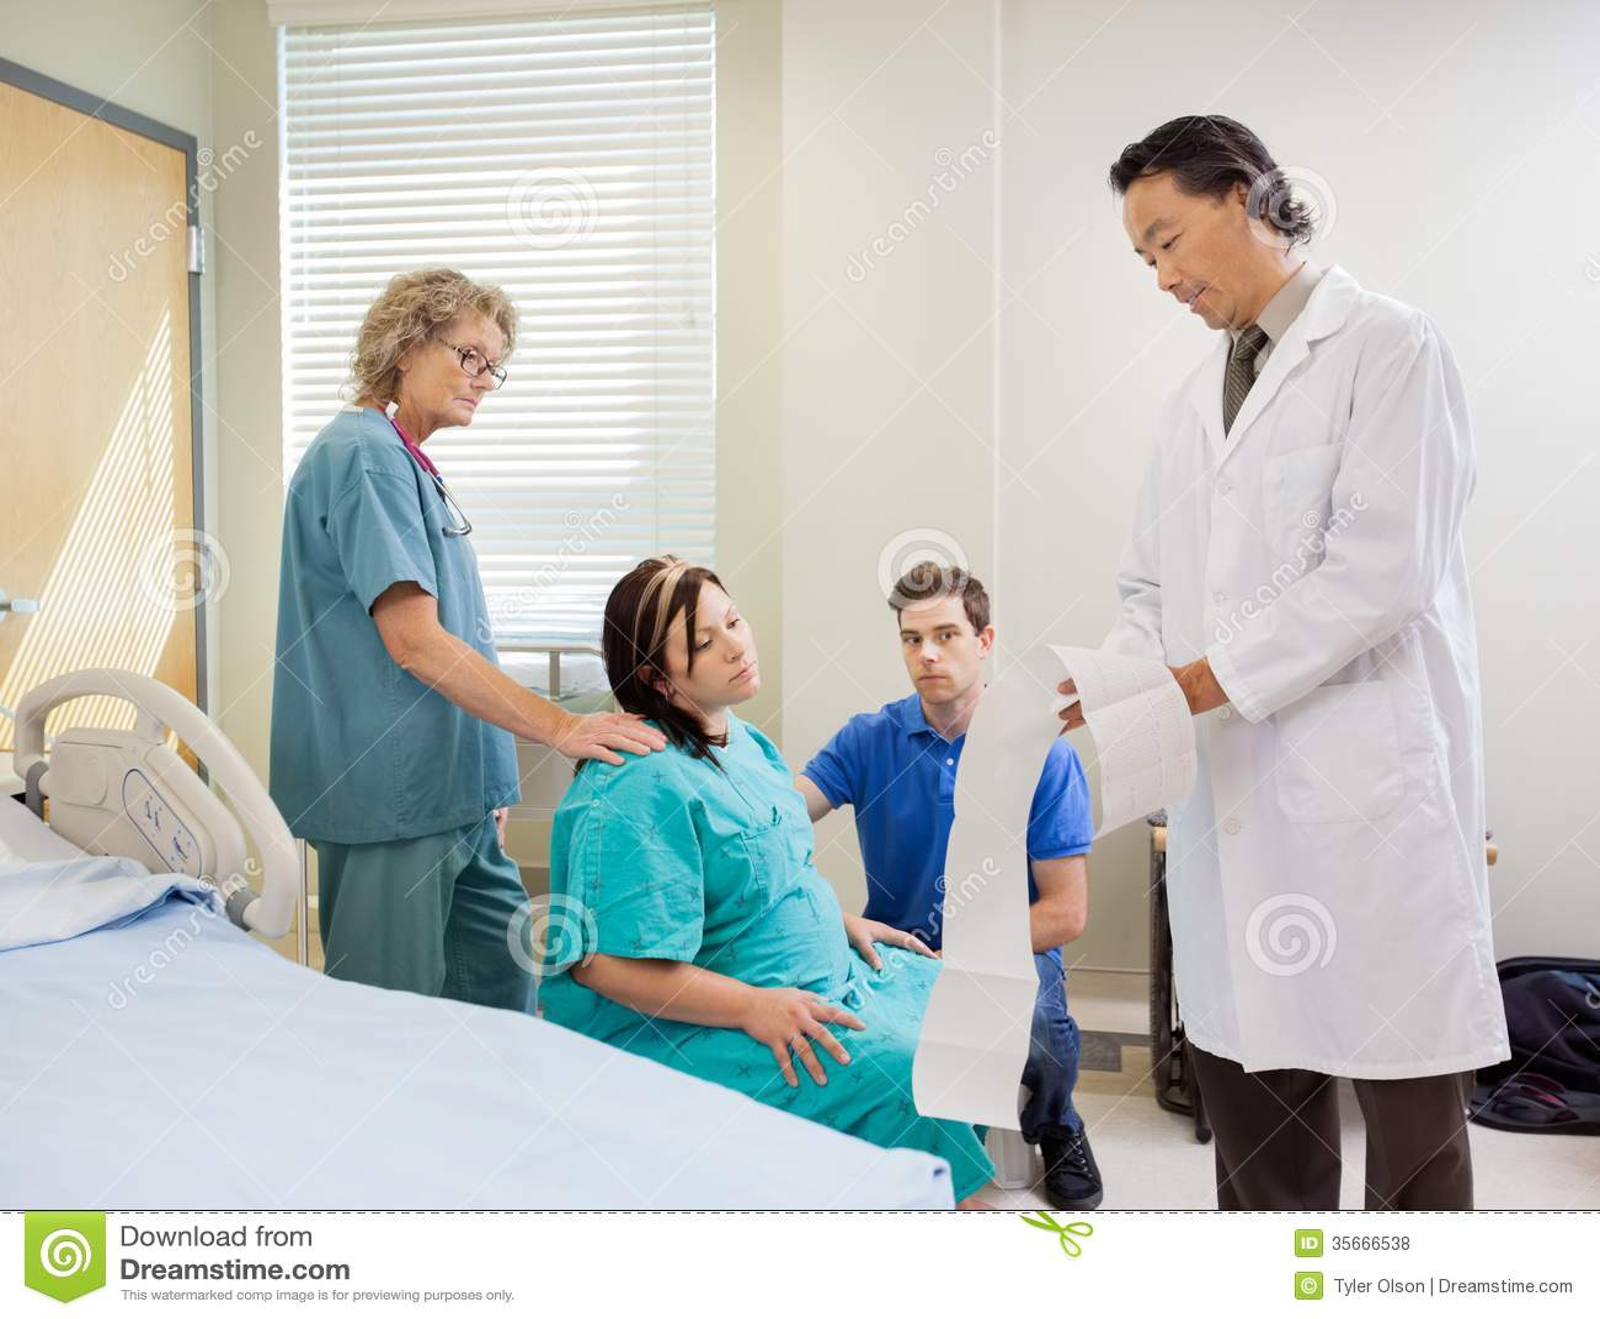 Rapport de docteur Explaining Fetal Monitor à enceinte